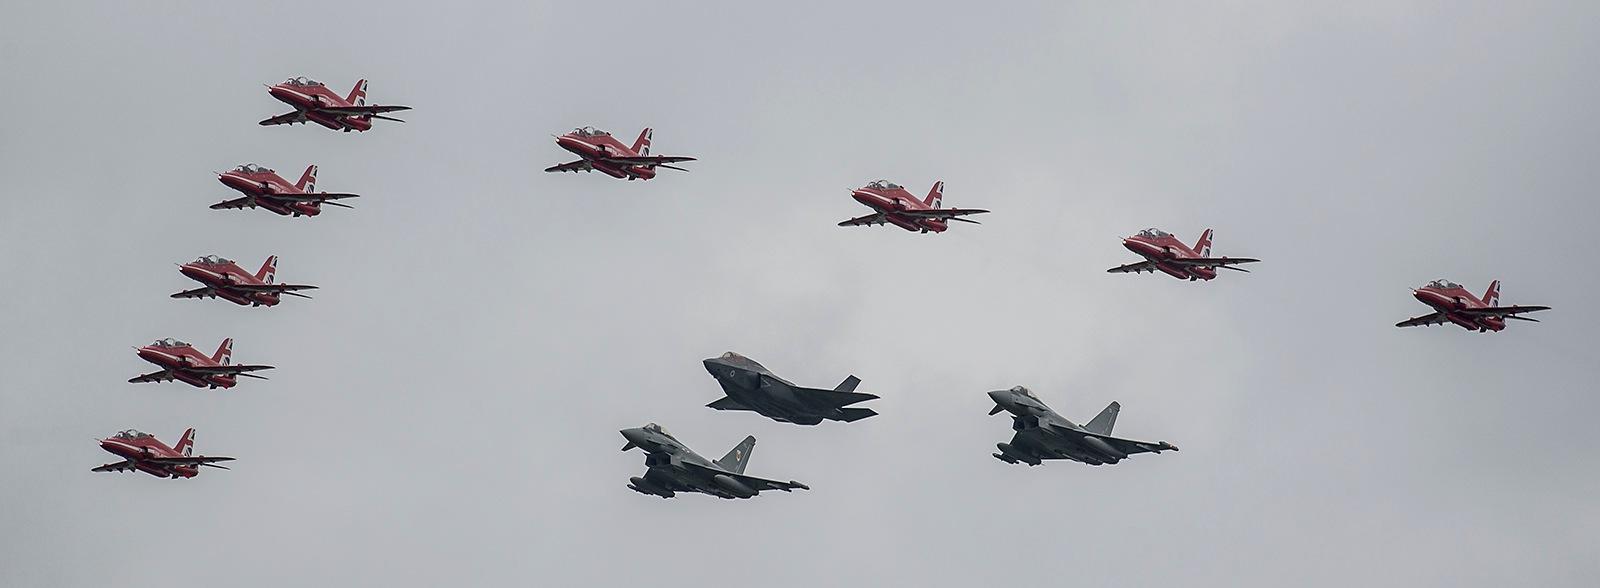 Red Arrows, Typhons, Lightning II by miloslaw.spiewak